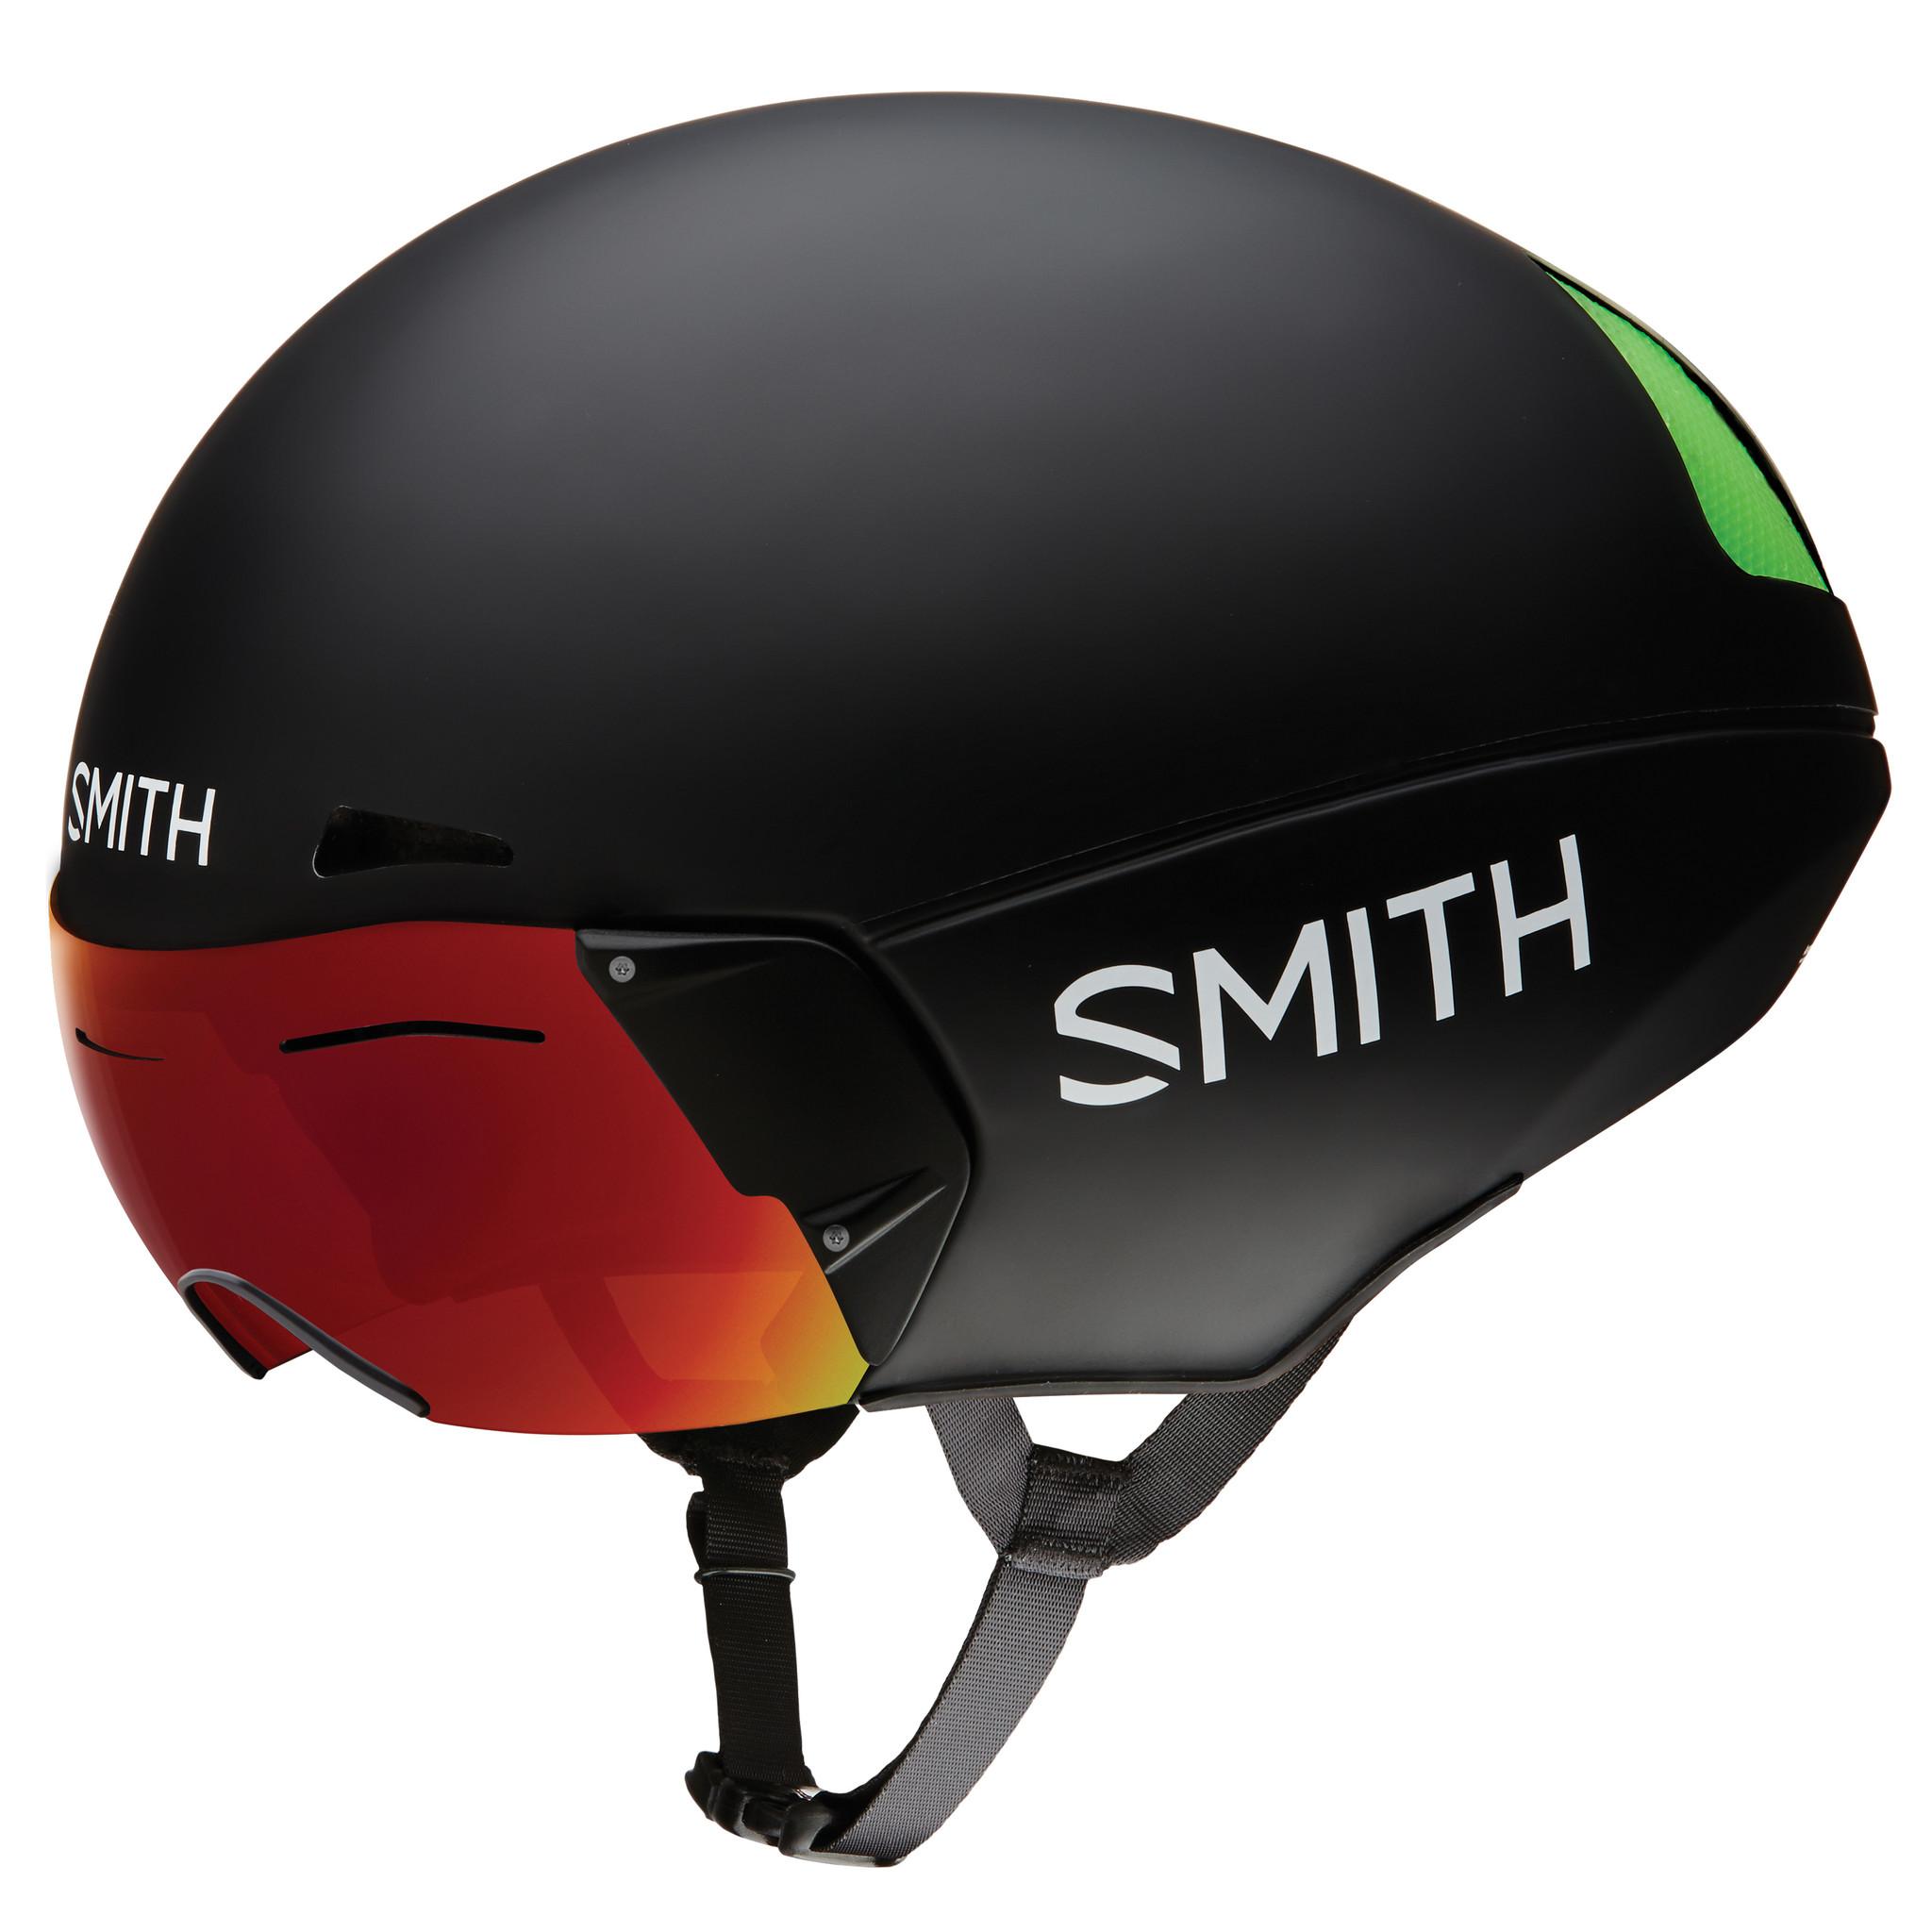 SMITH helmen collectie binnen!